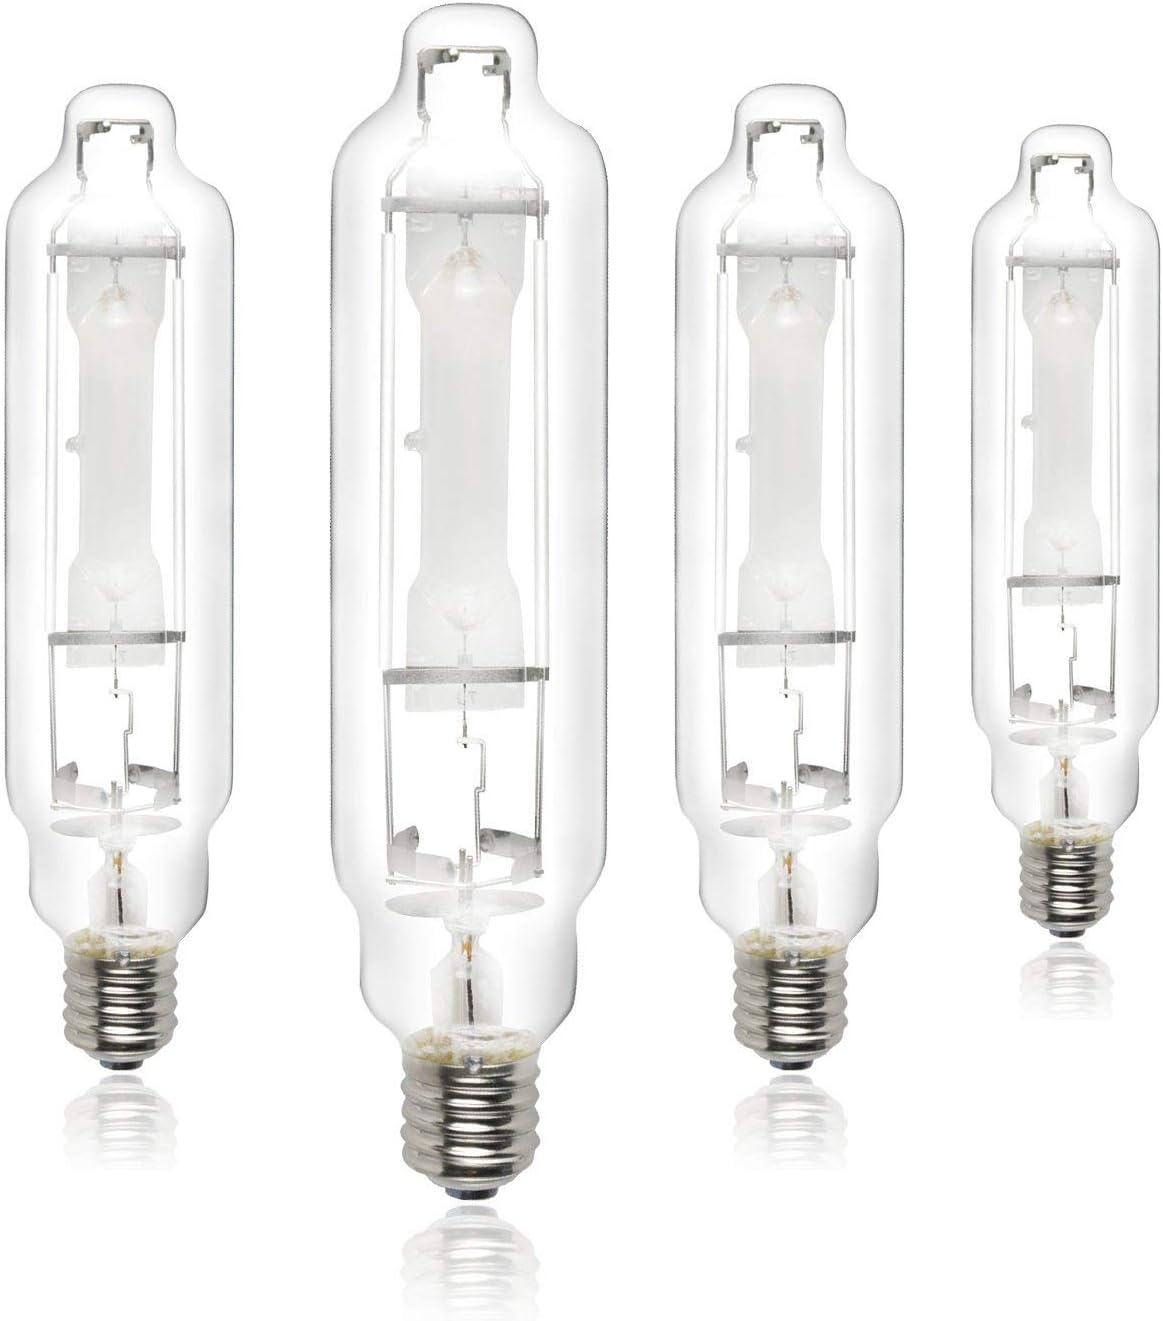 iPower 600 Watt Vegetative Grow Light Bulb